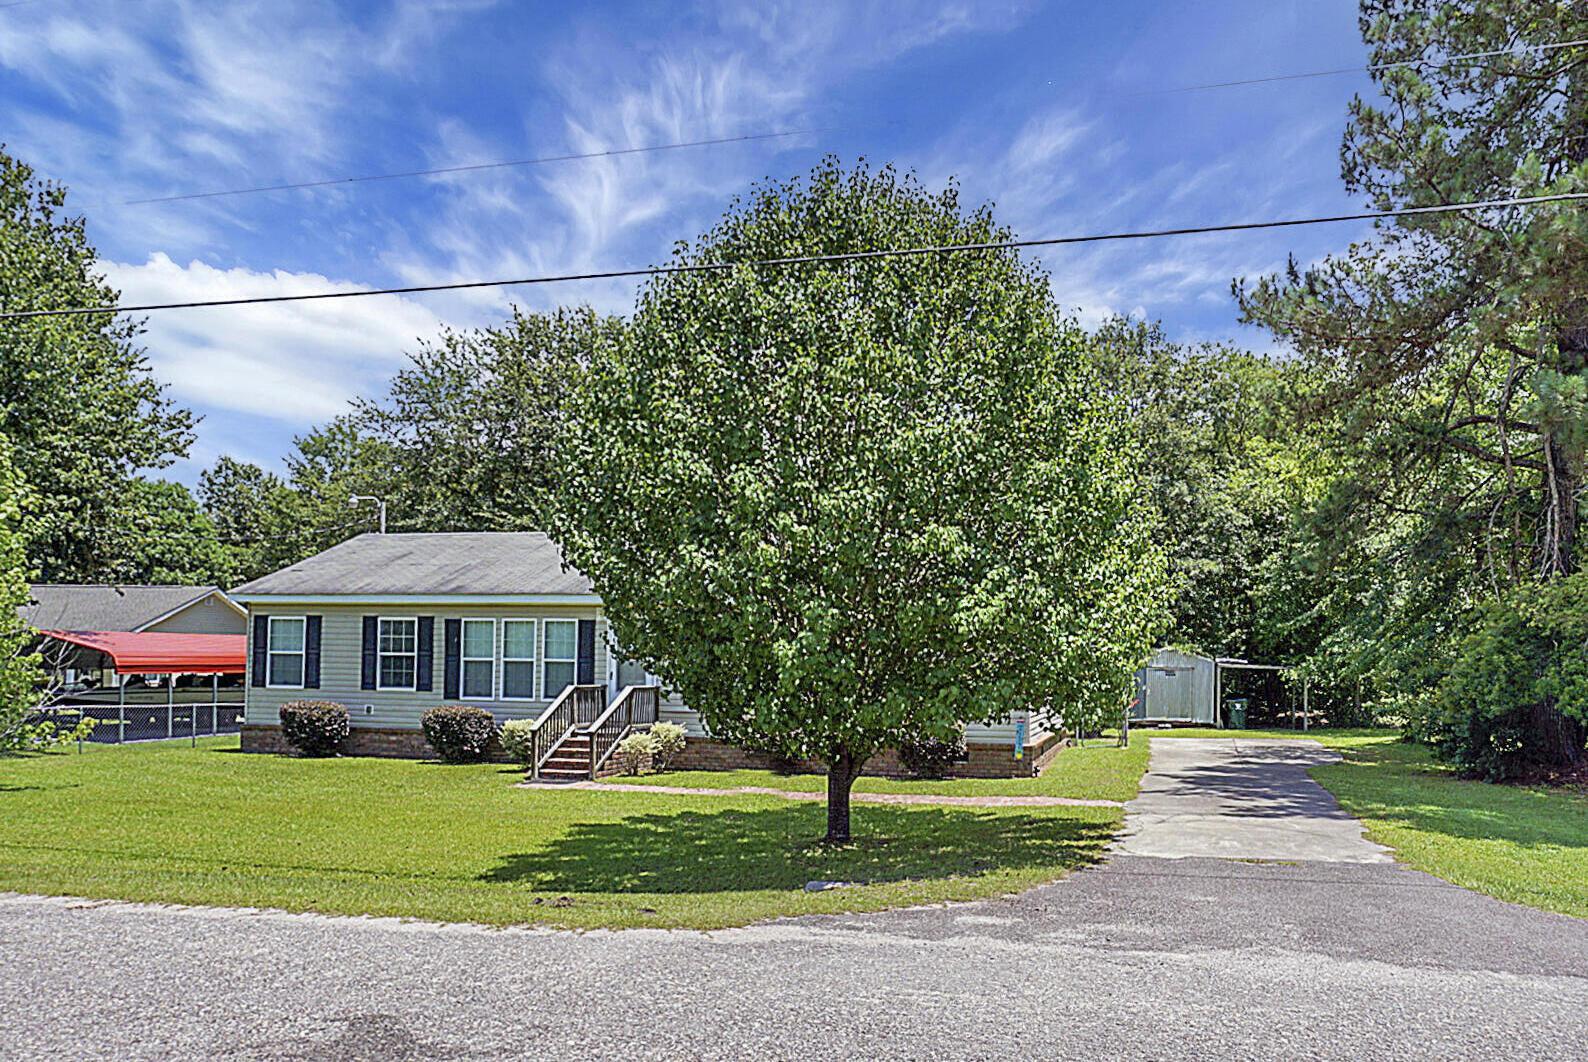 Bonneau Village Homes For Sale - 136 Dawsey, Bonneau, SC - 3